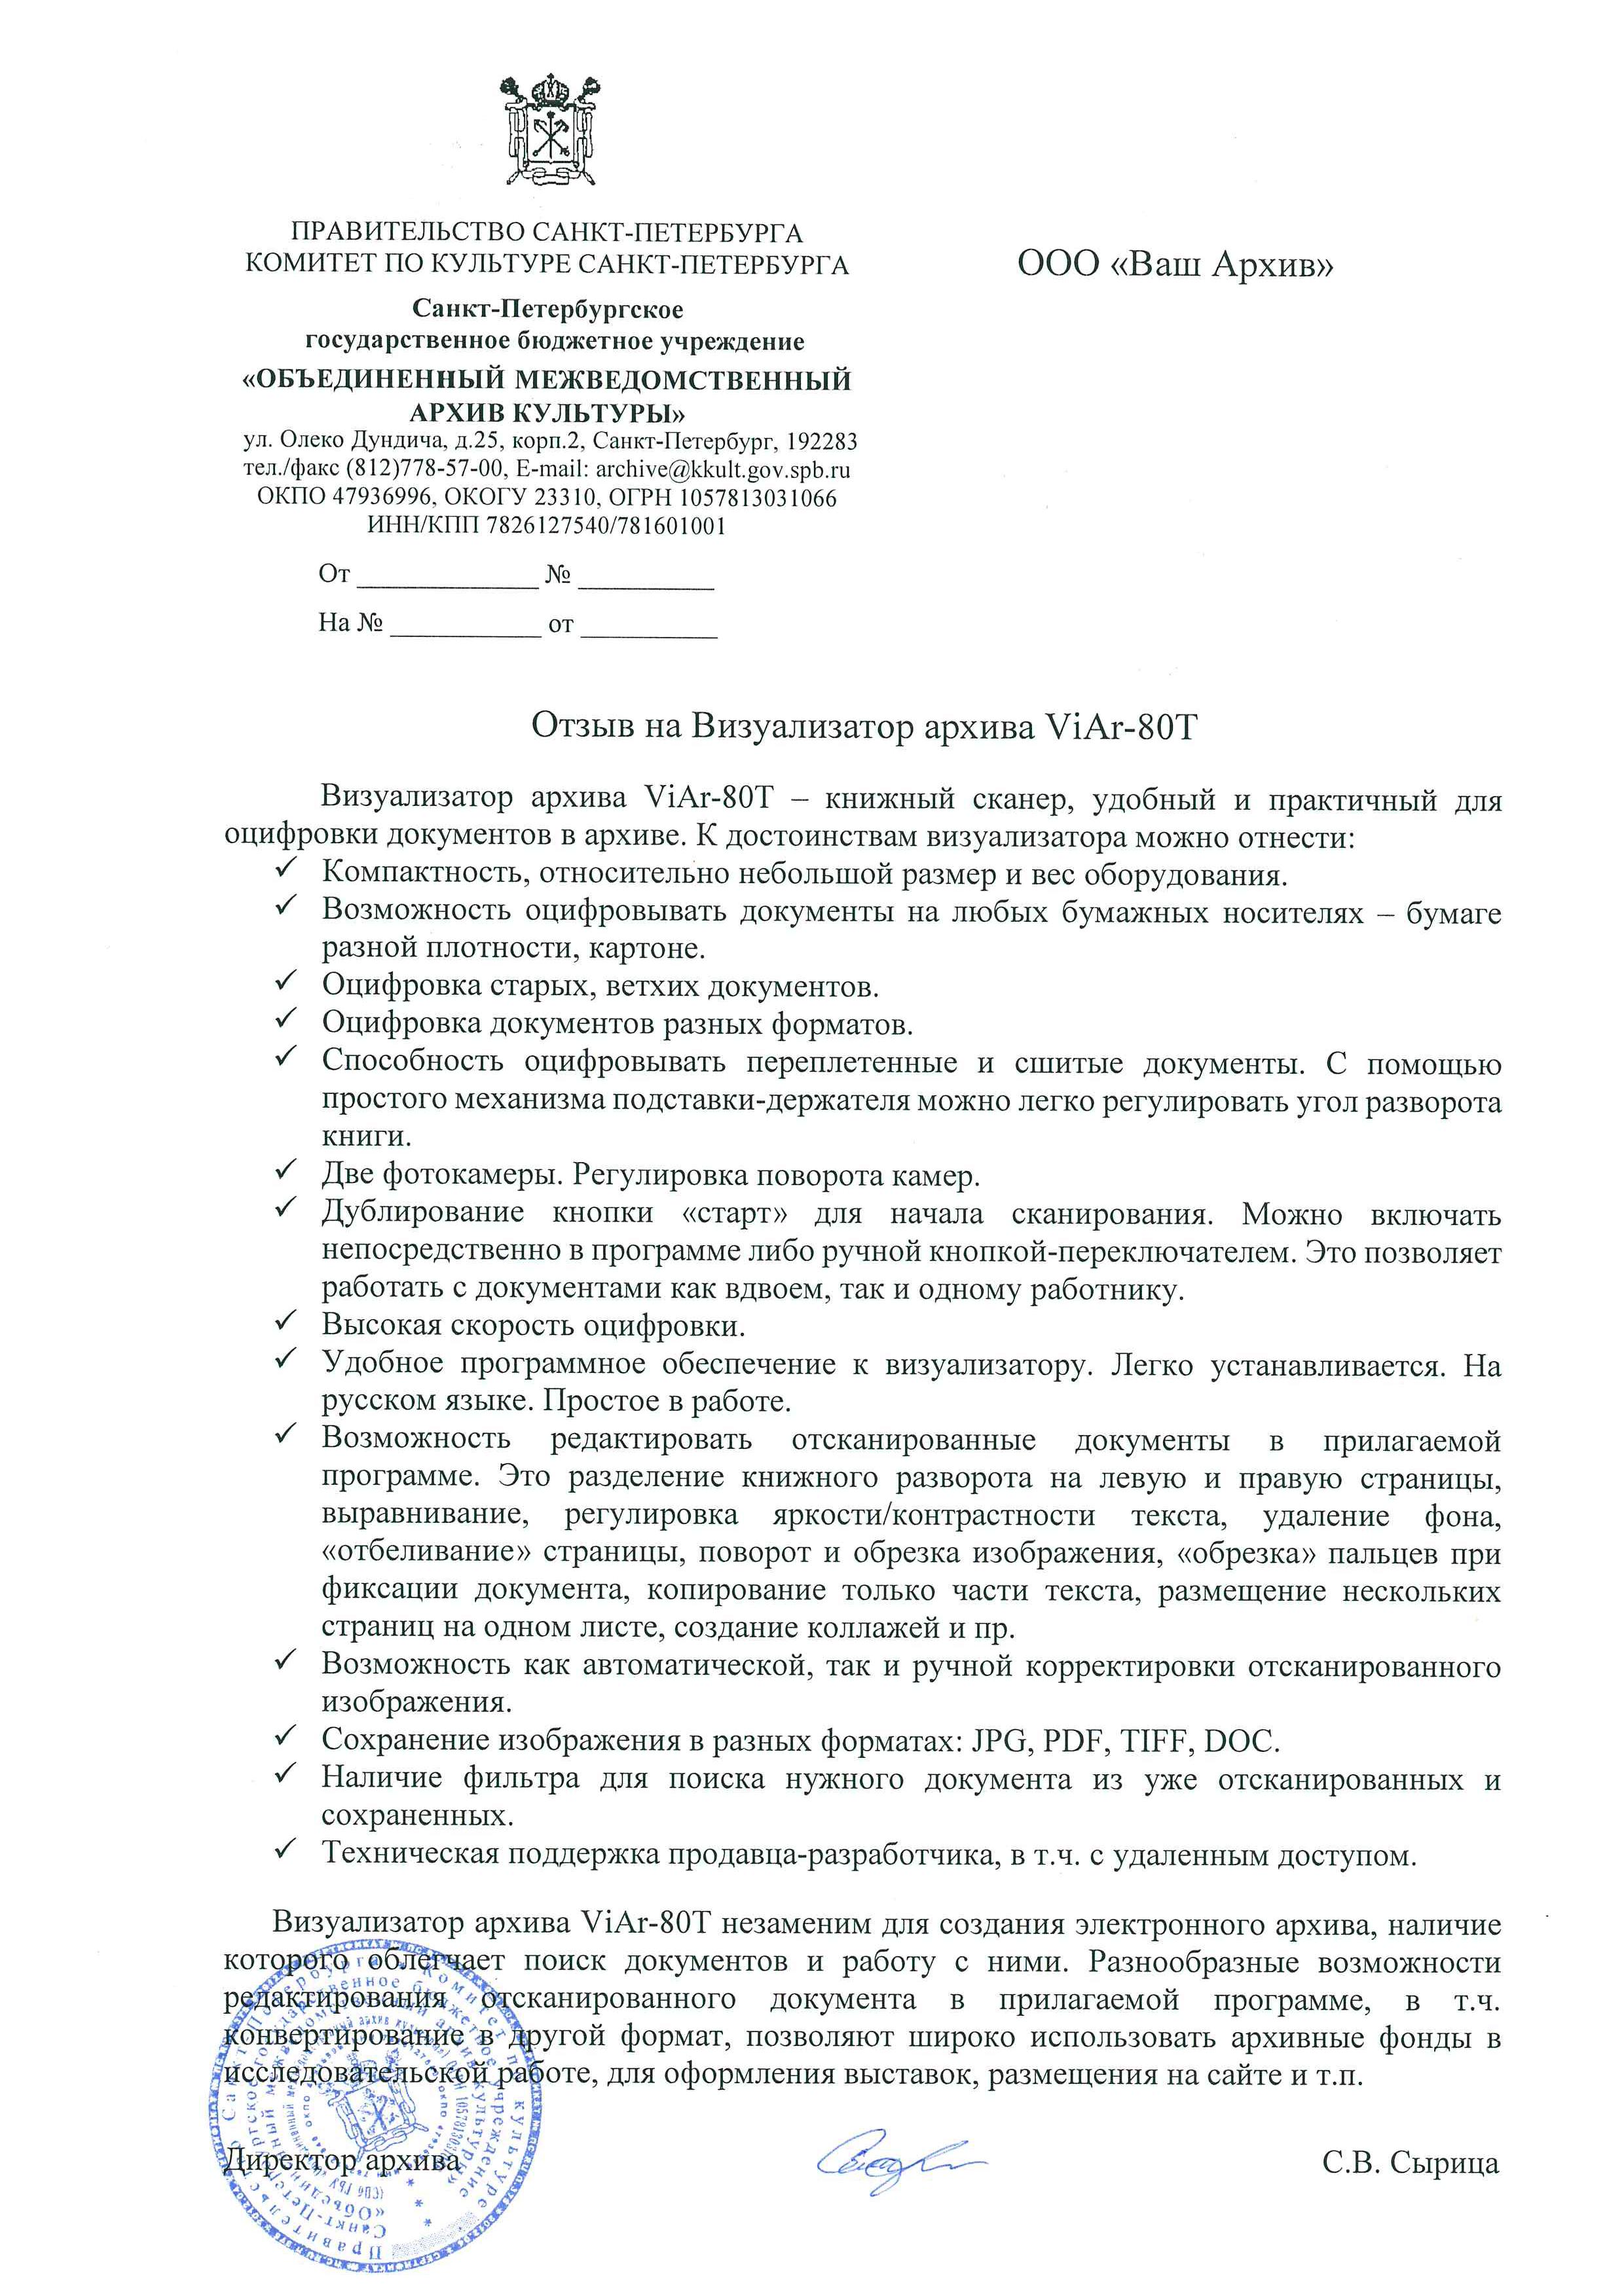 Отзыв на ViAr-80T